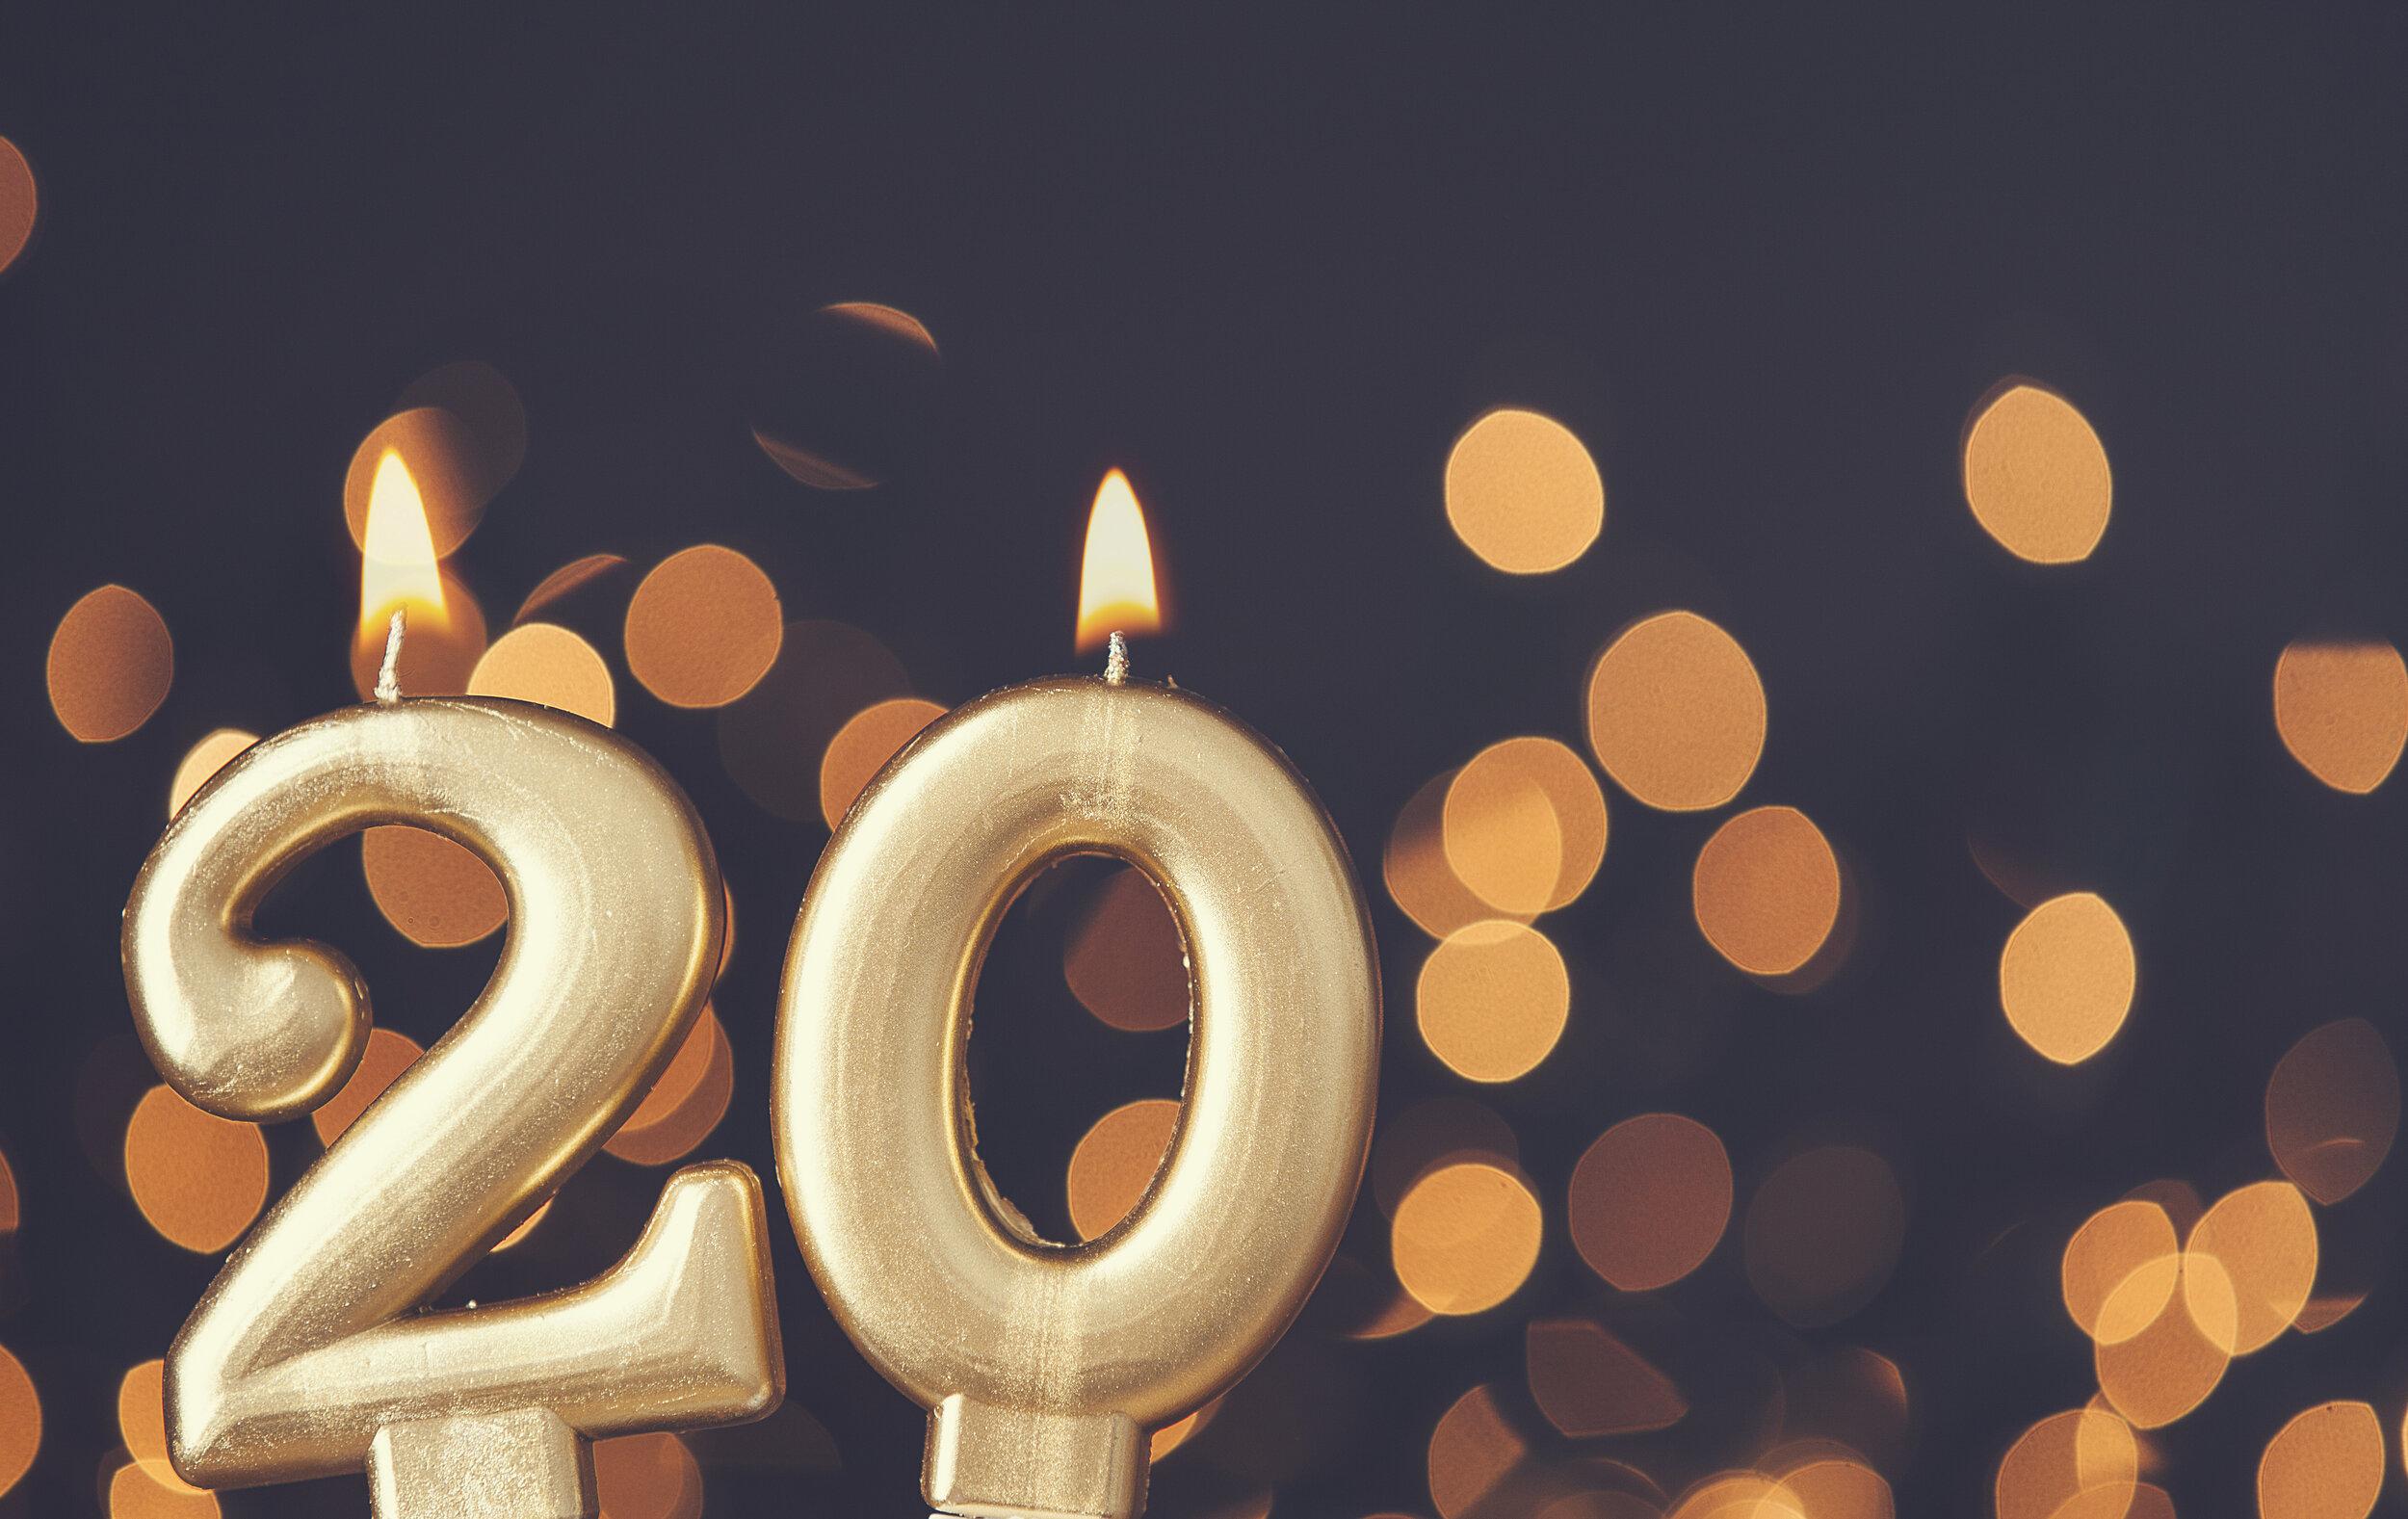 Gold number 20 celebration candle against blurred light background